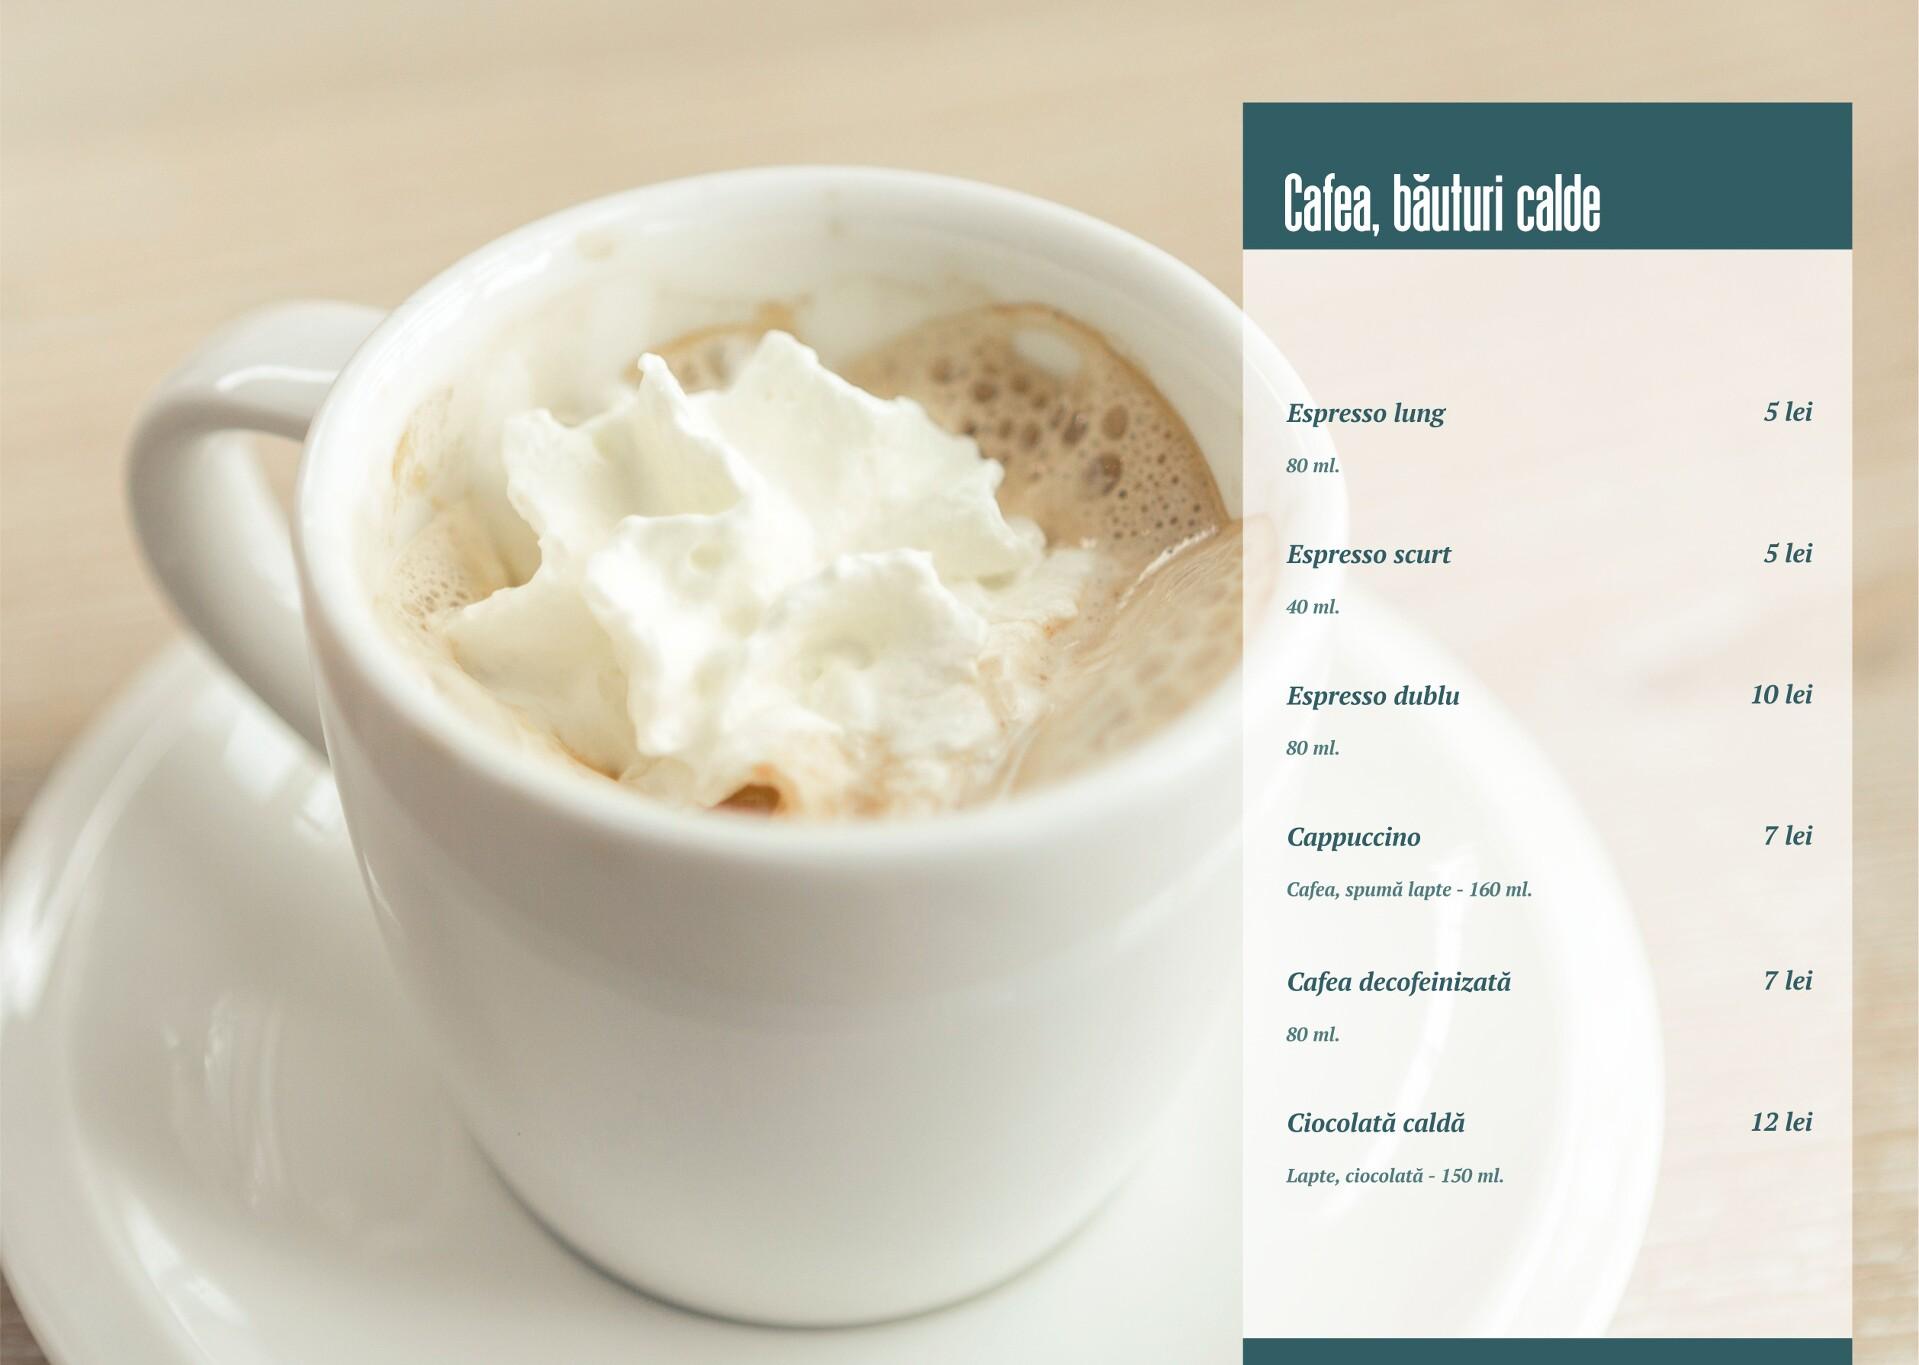 Cafea, băuturi calde - pagina 1